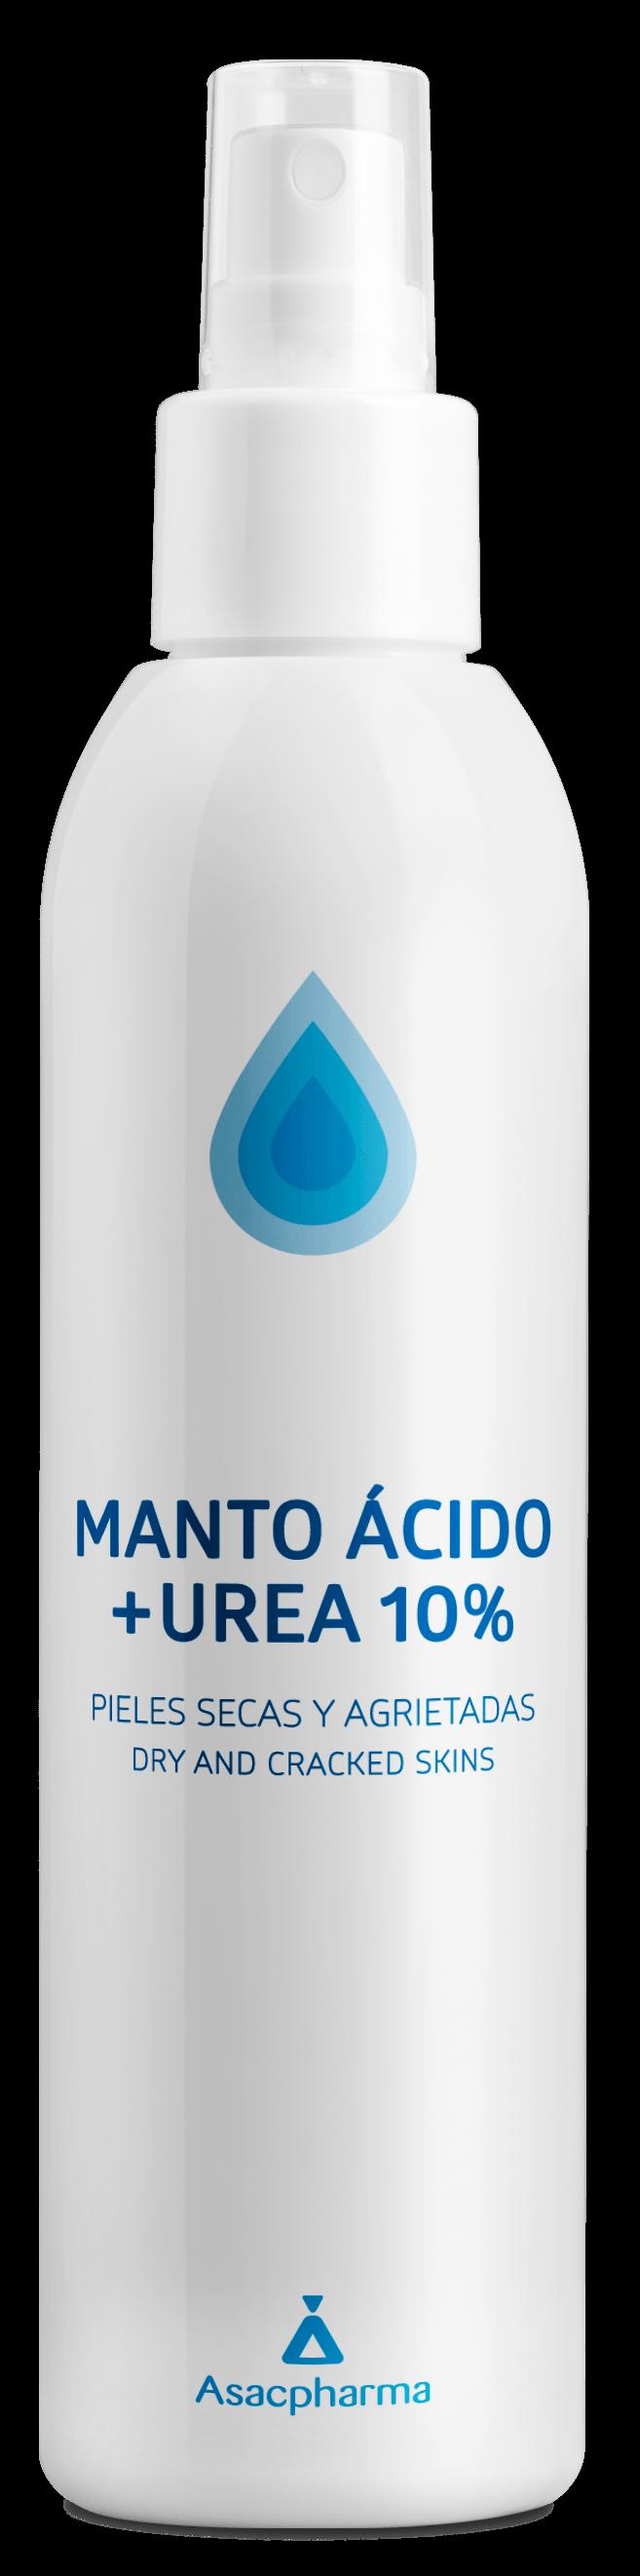 Manto ácido 10